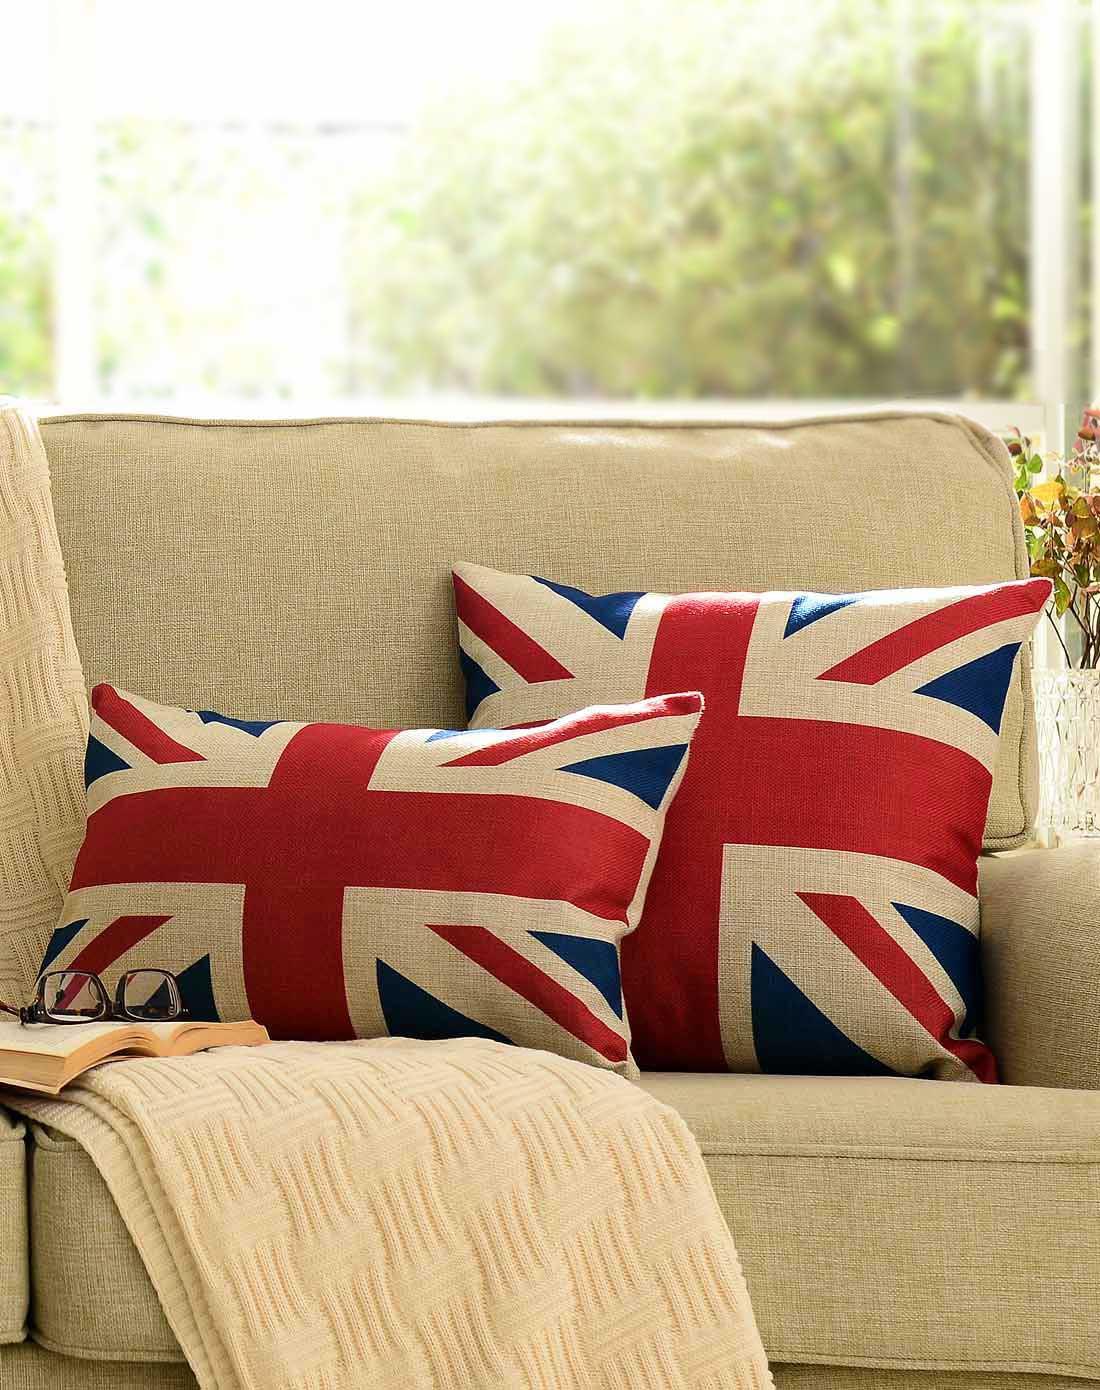 青岛一木沙发国旗